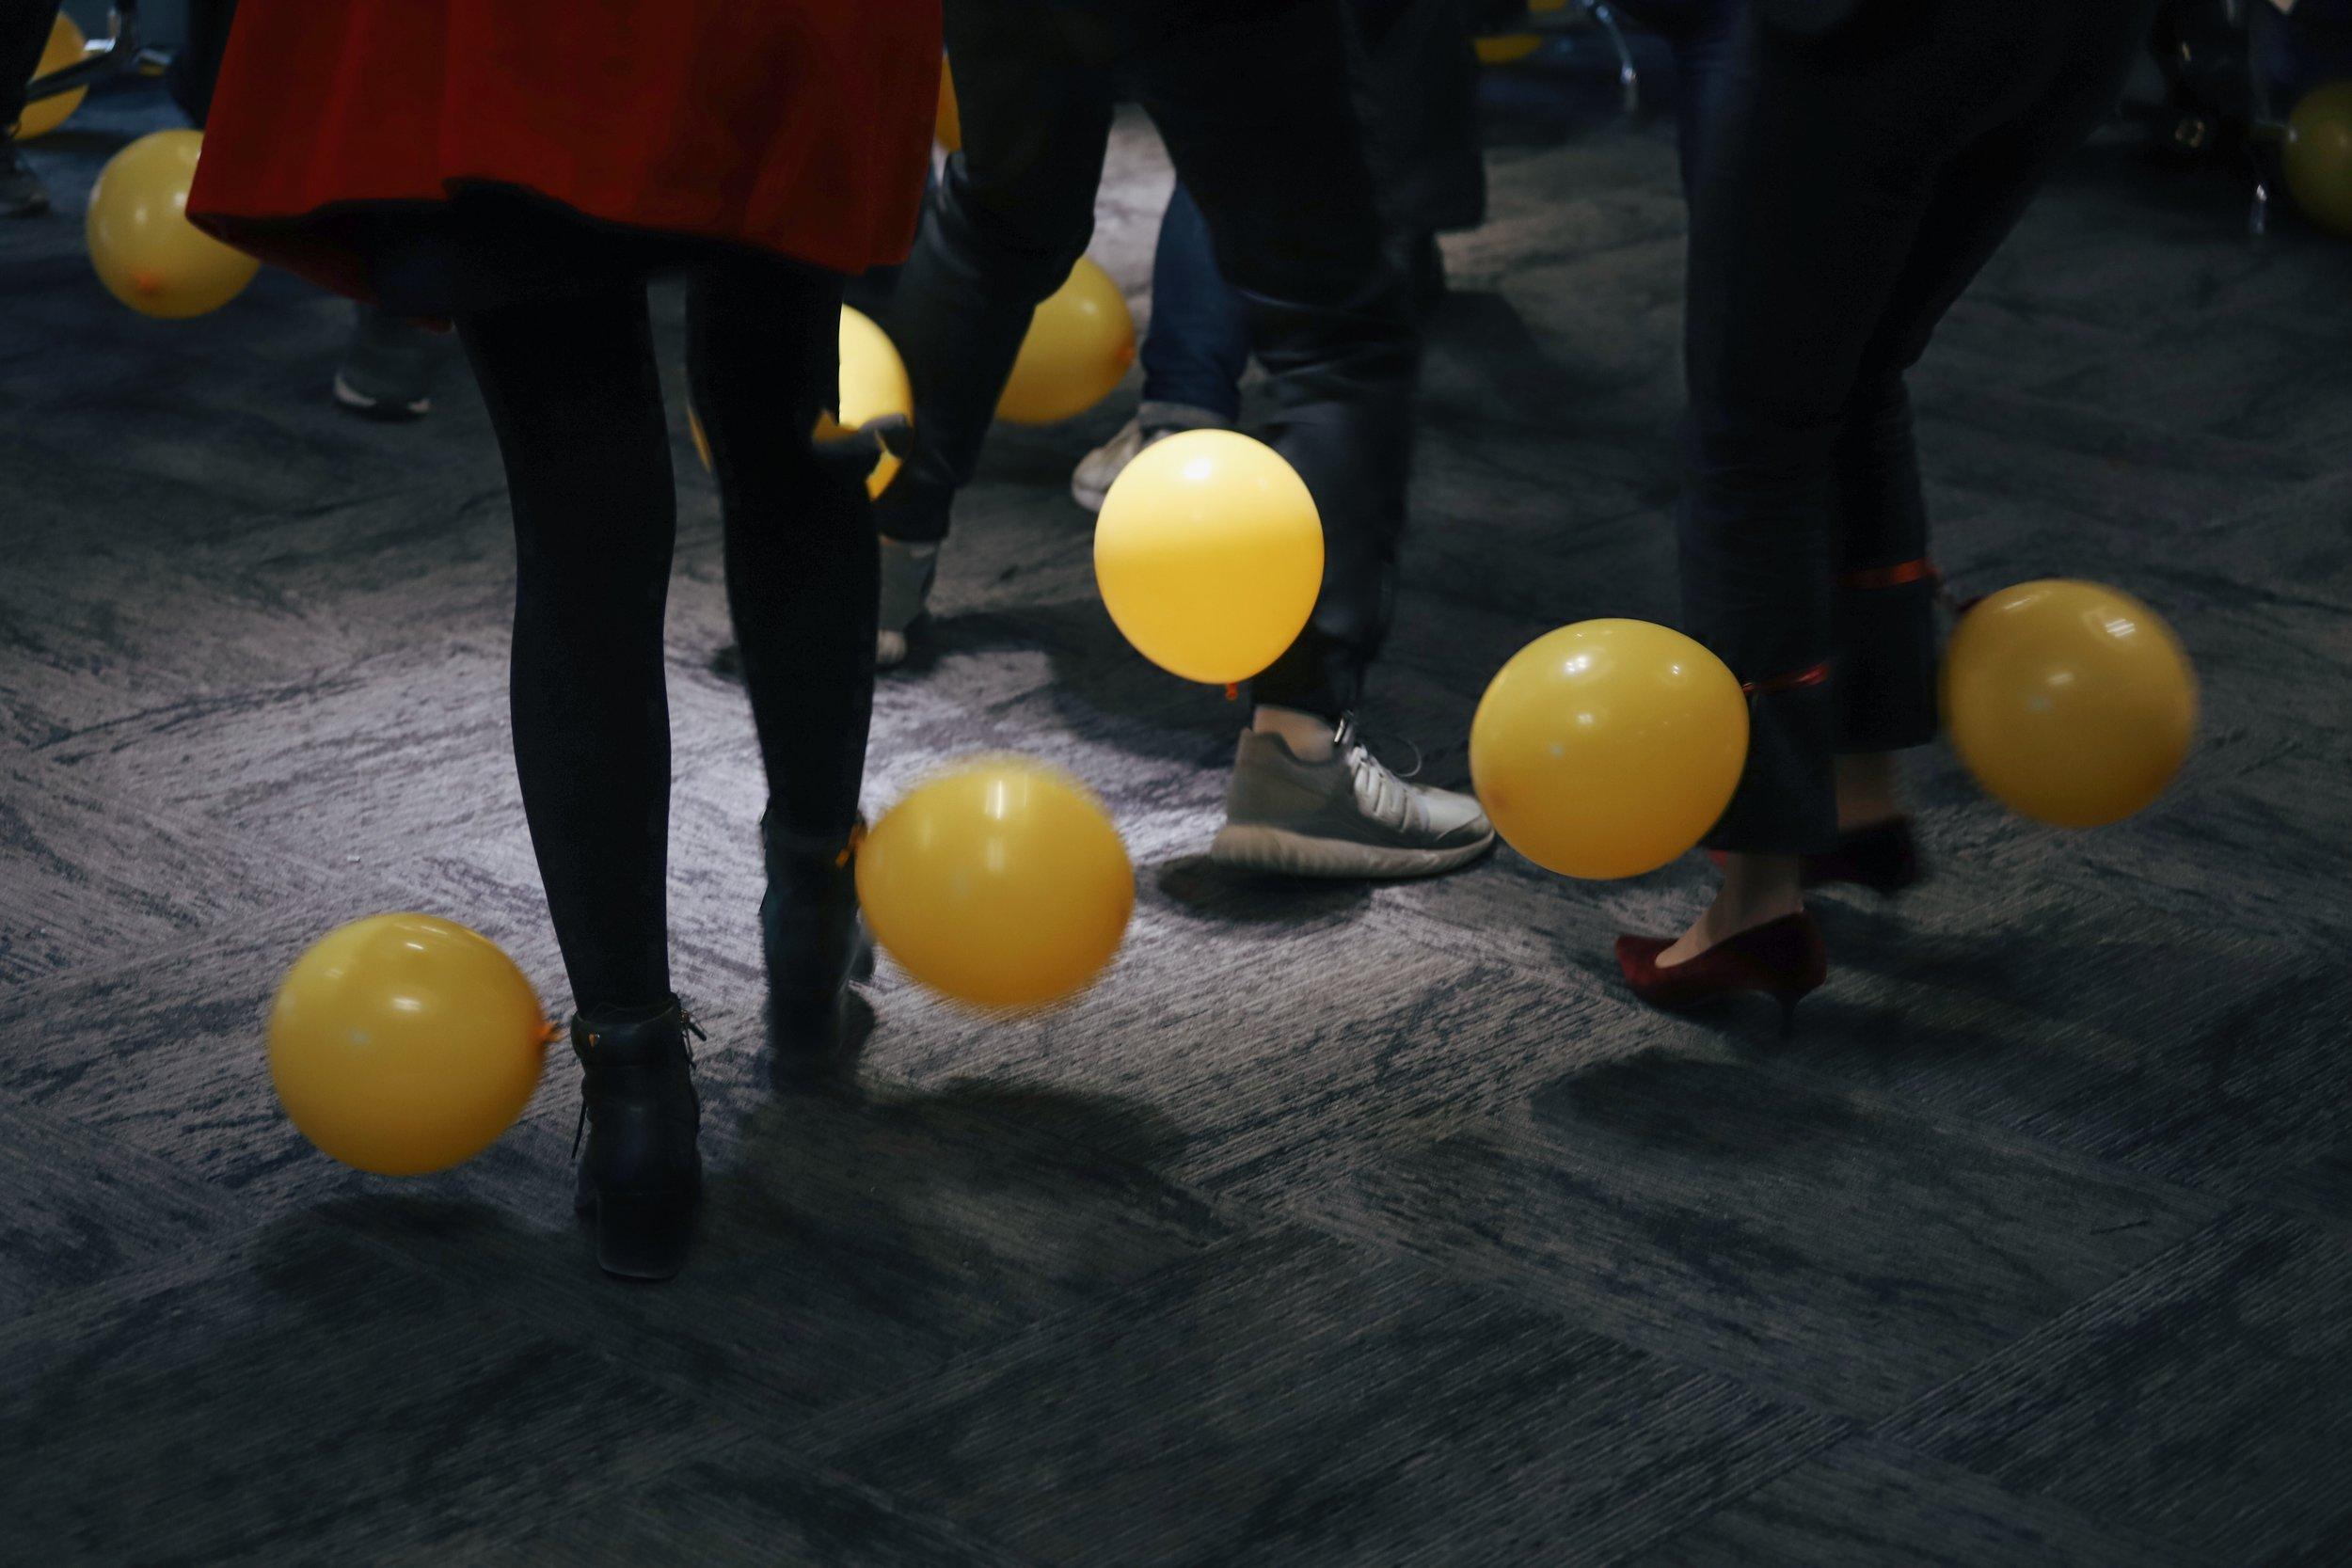 Roligare möten innebär nödvändigtvis inte ballonger, men varför inte?!